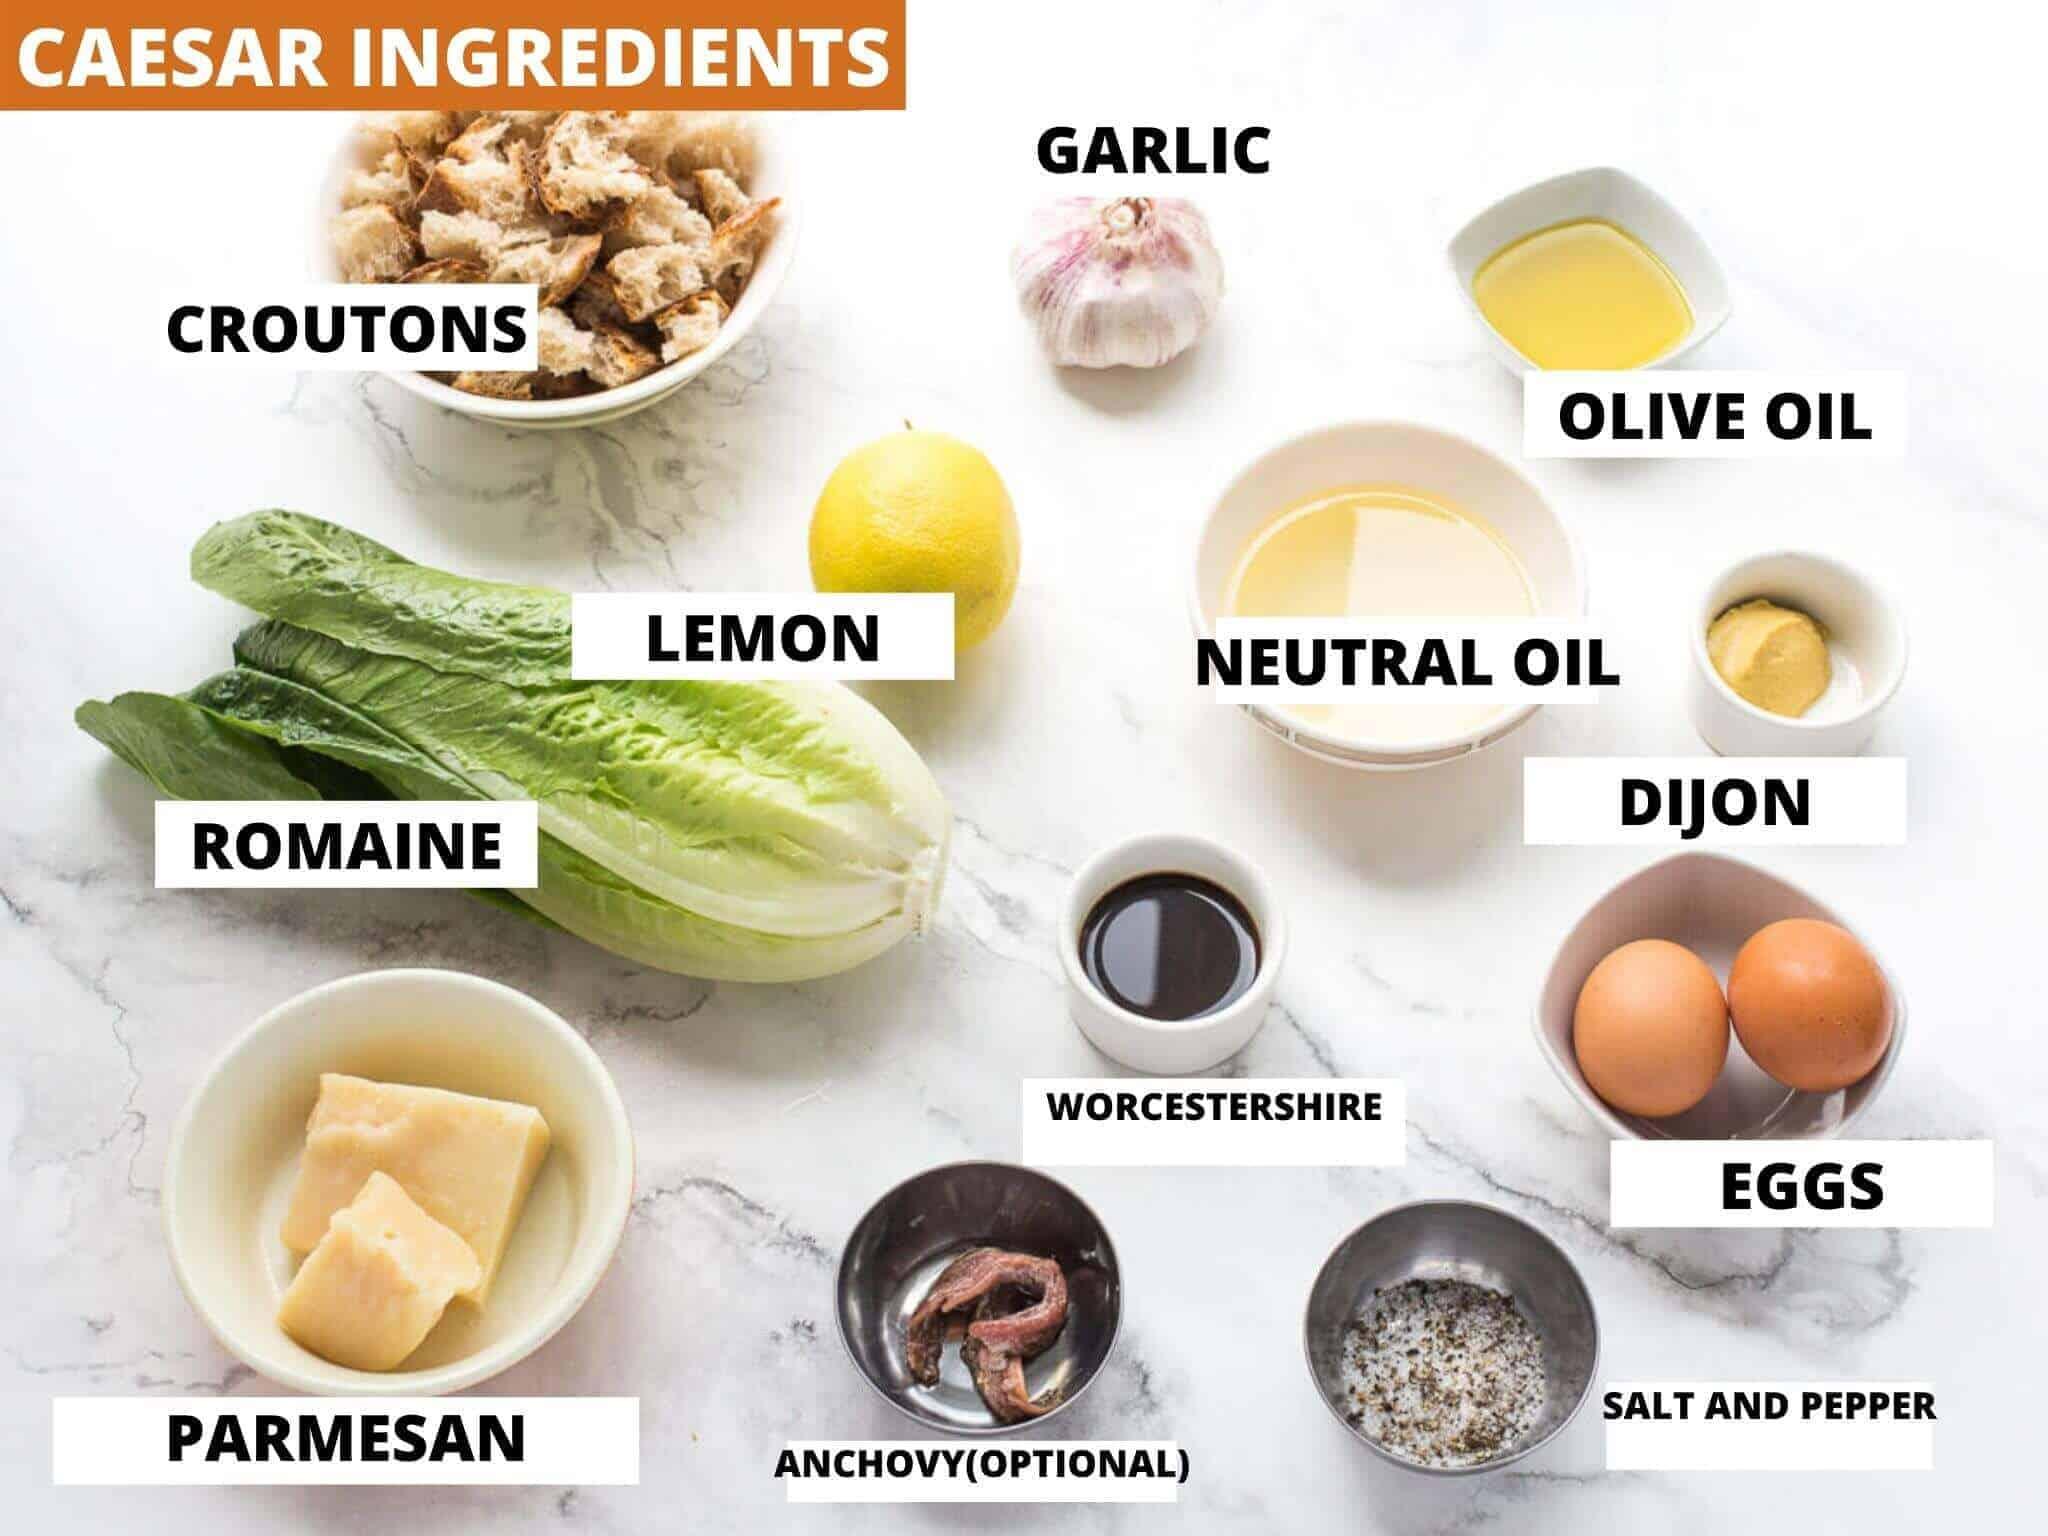 Ingredients needed to make caesar salad